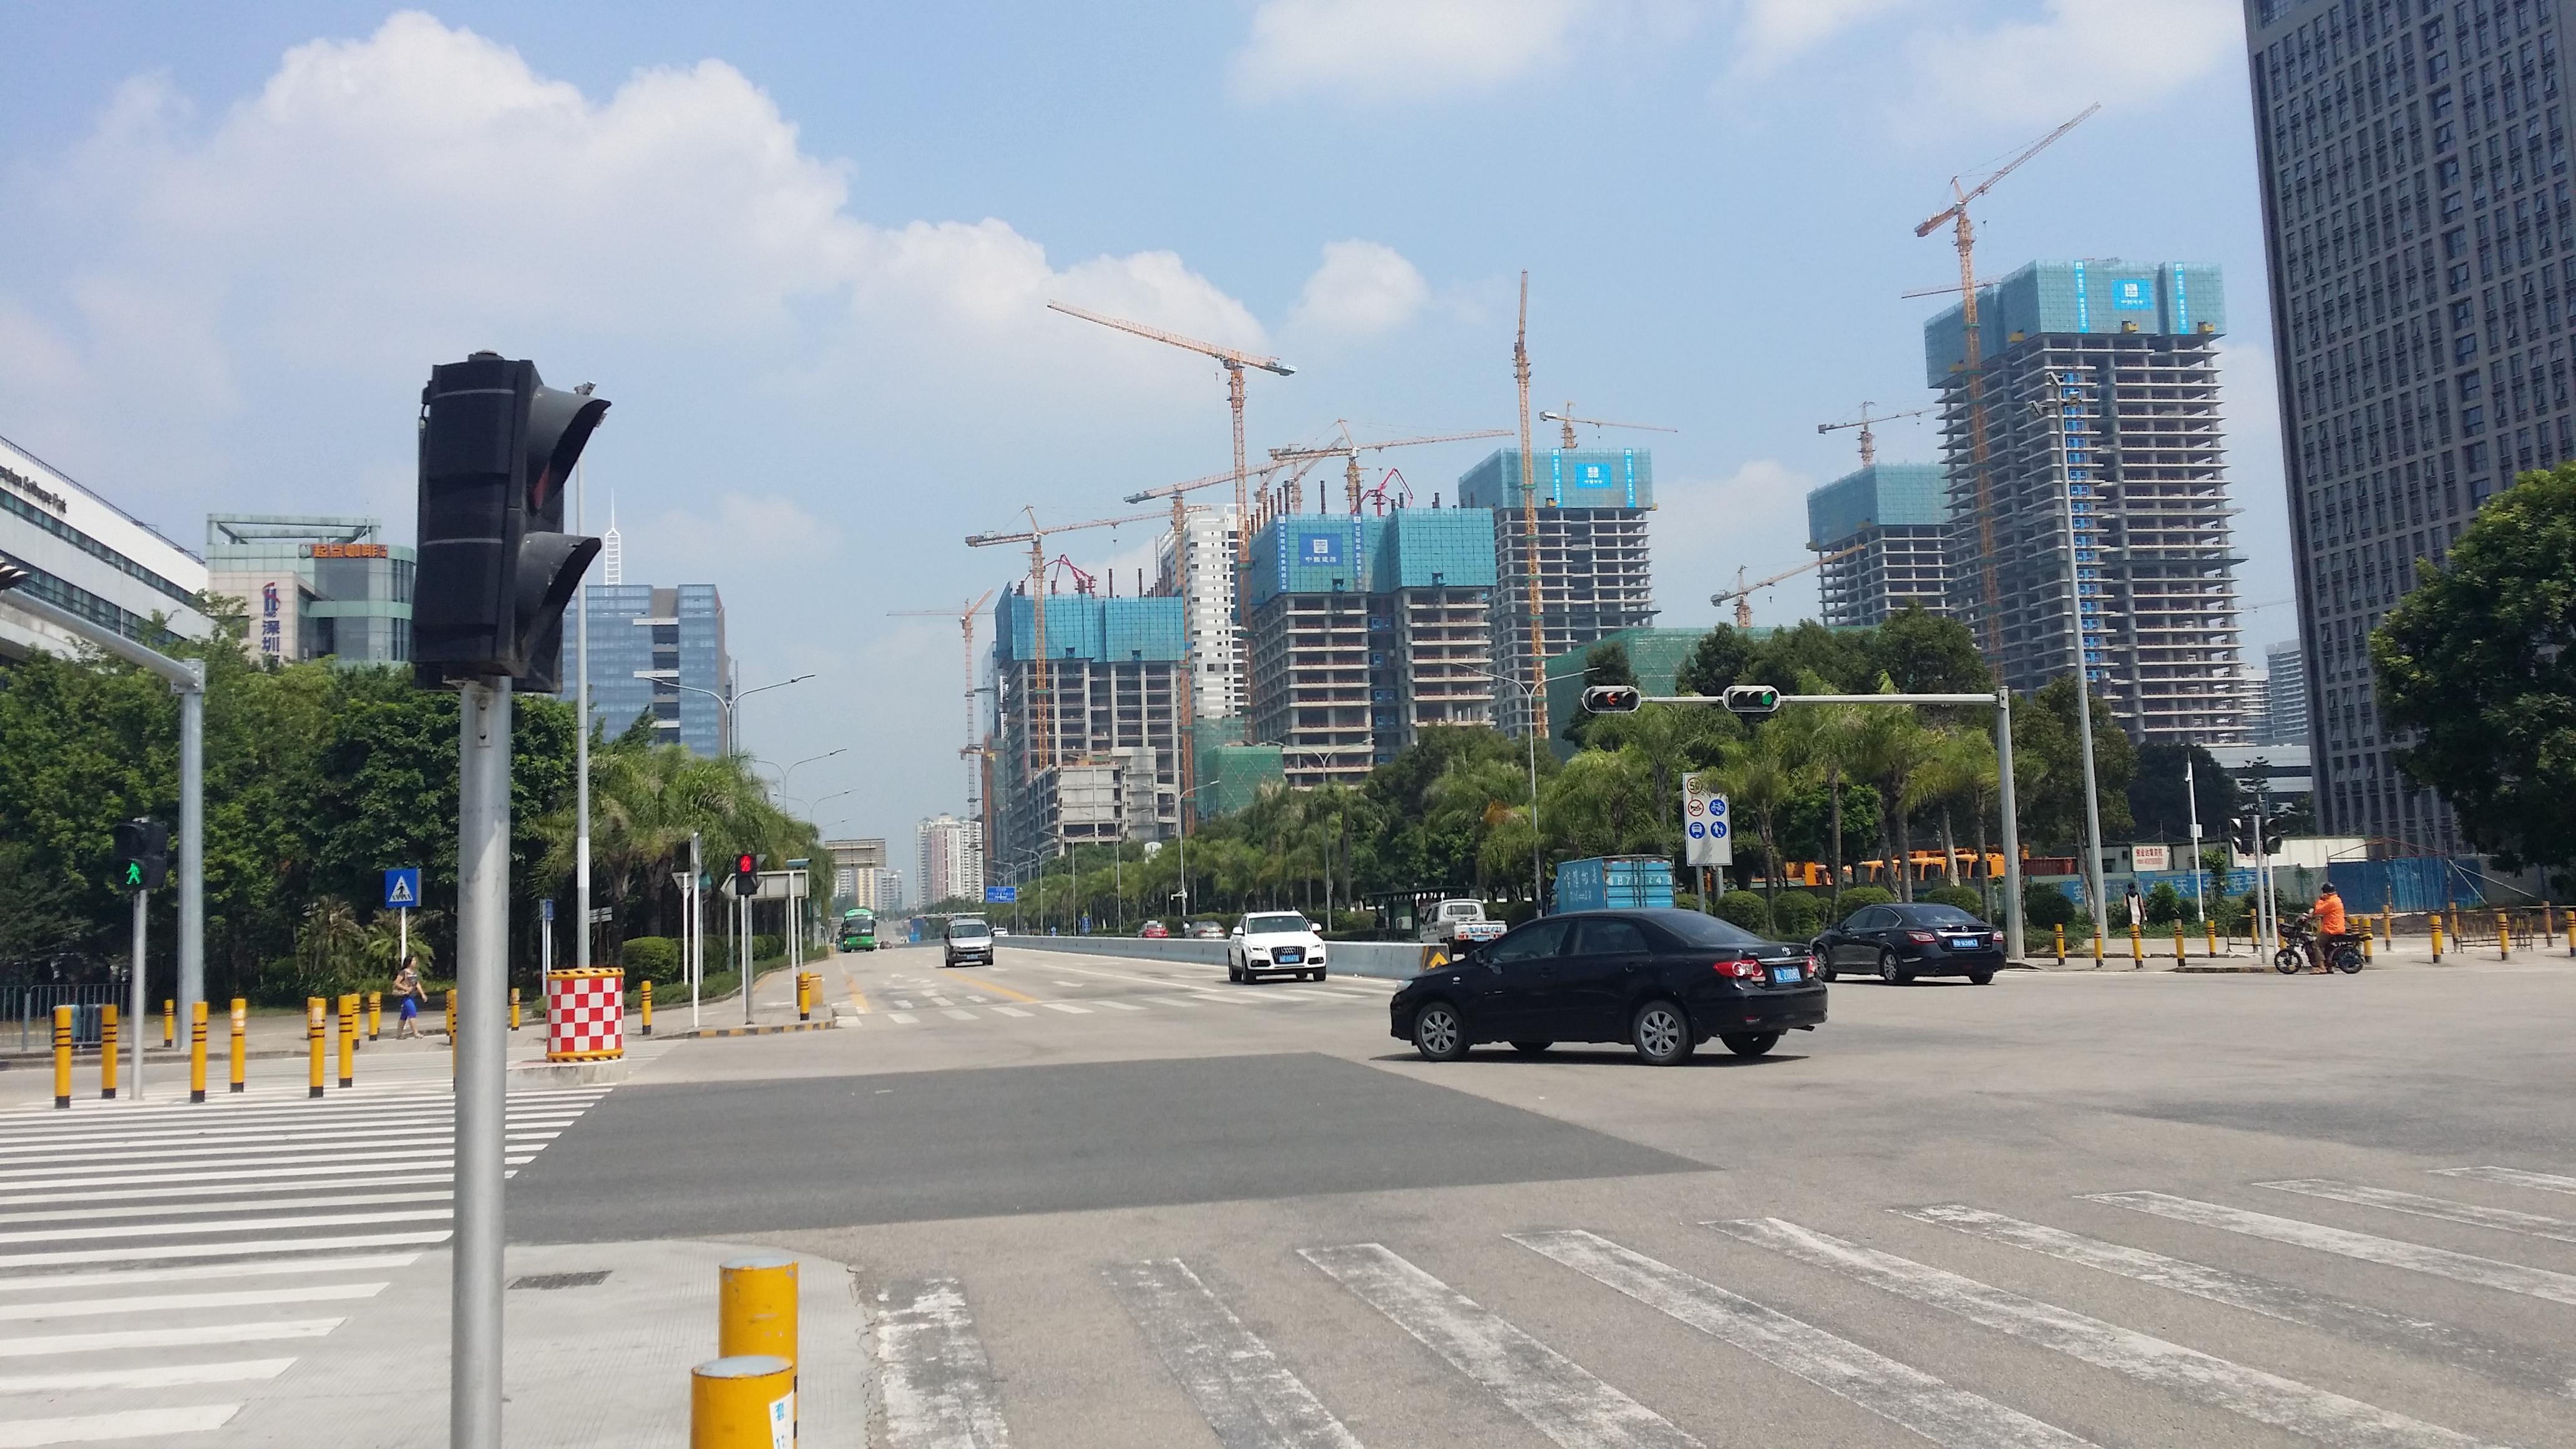 A spot of building in progress in Shenzhen.